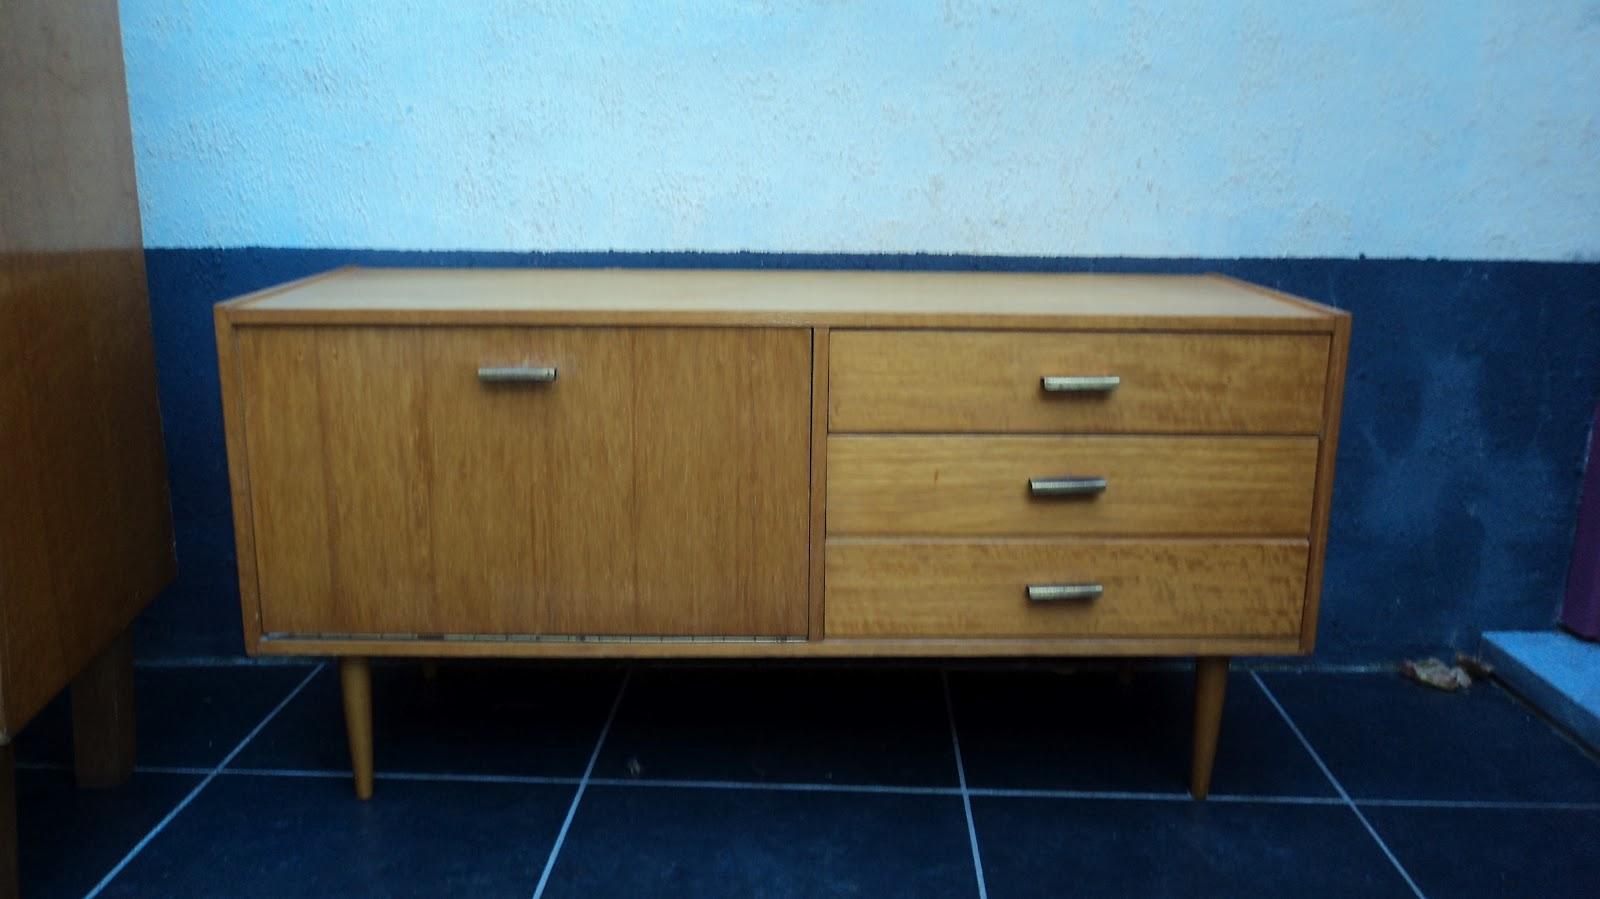 Lucie la chineuse meuble de style scandinave ann e 60 for Meubles domon lachine